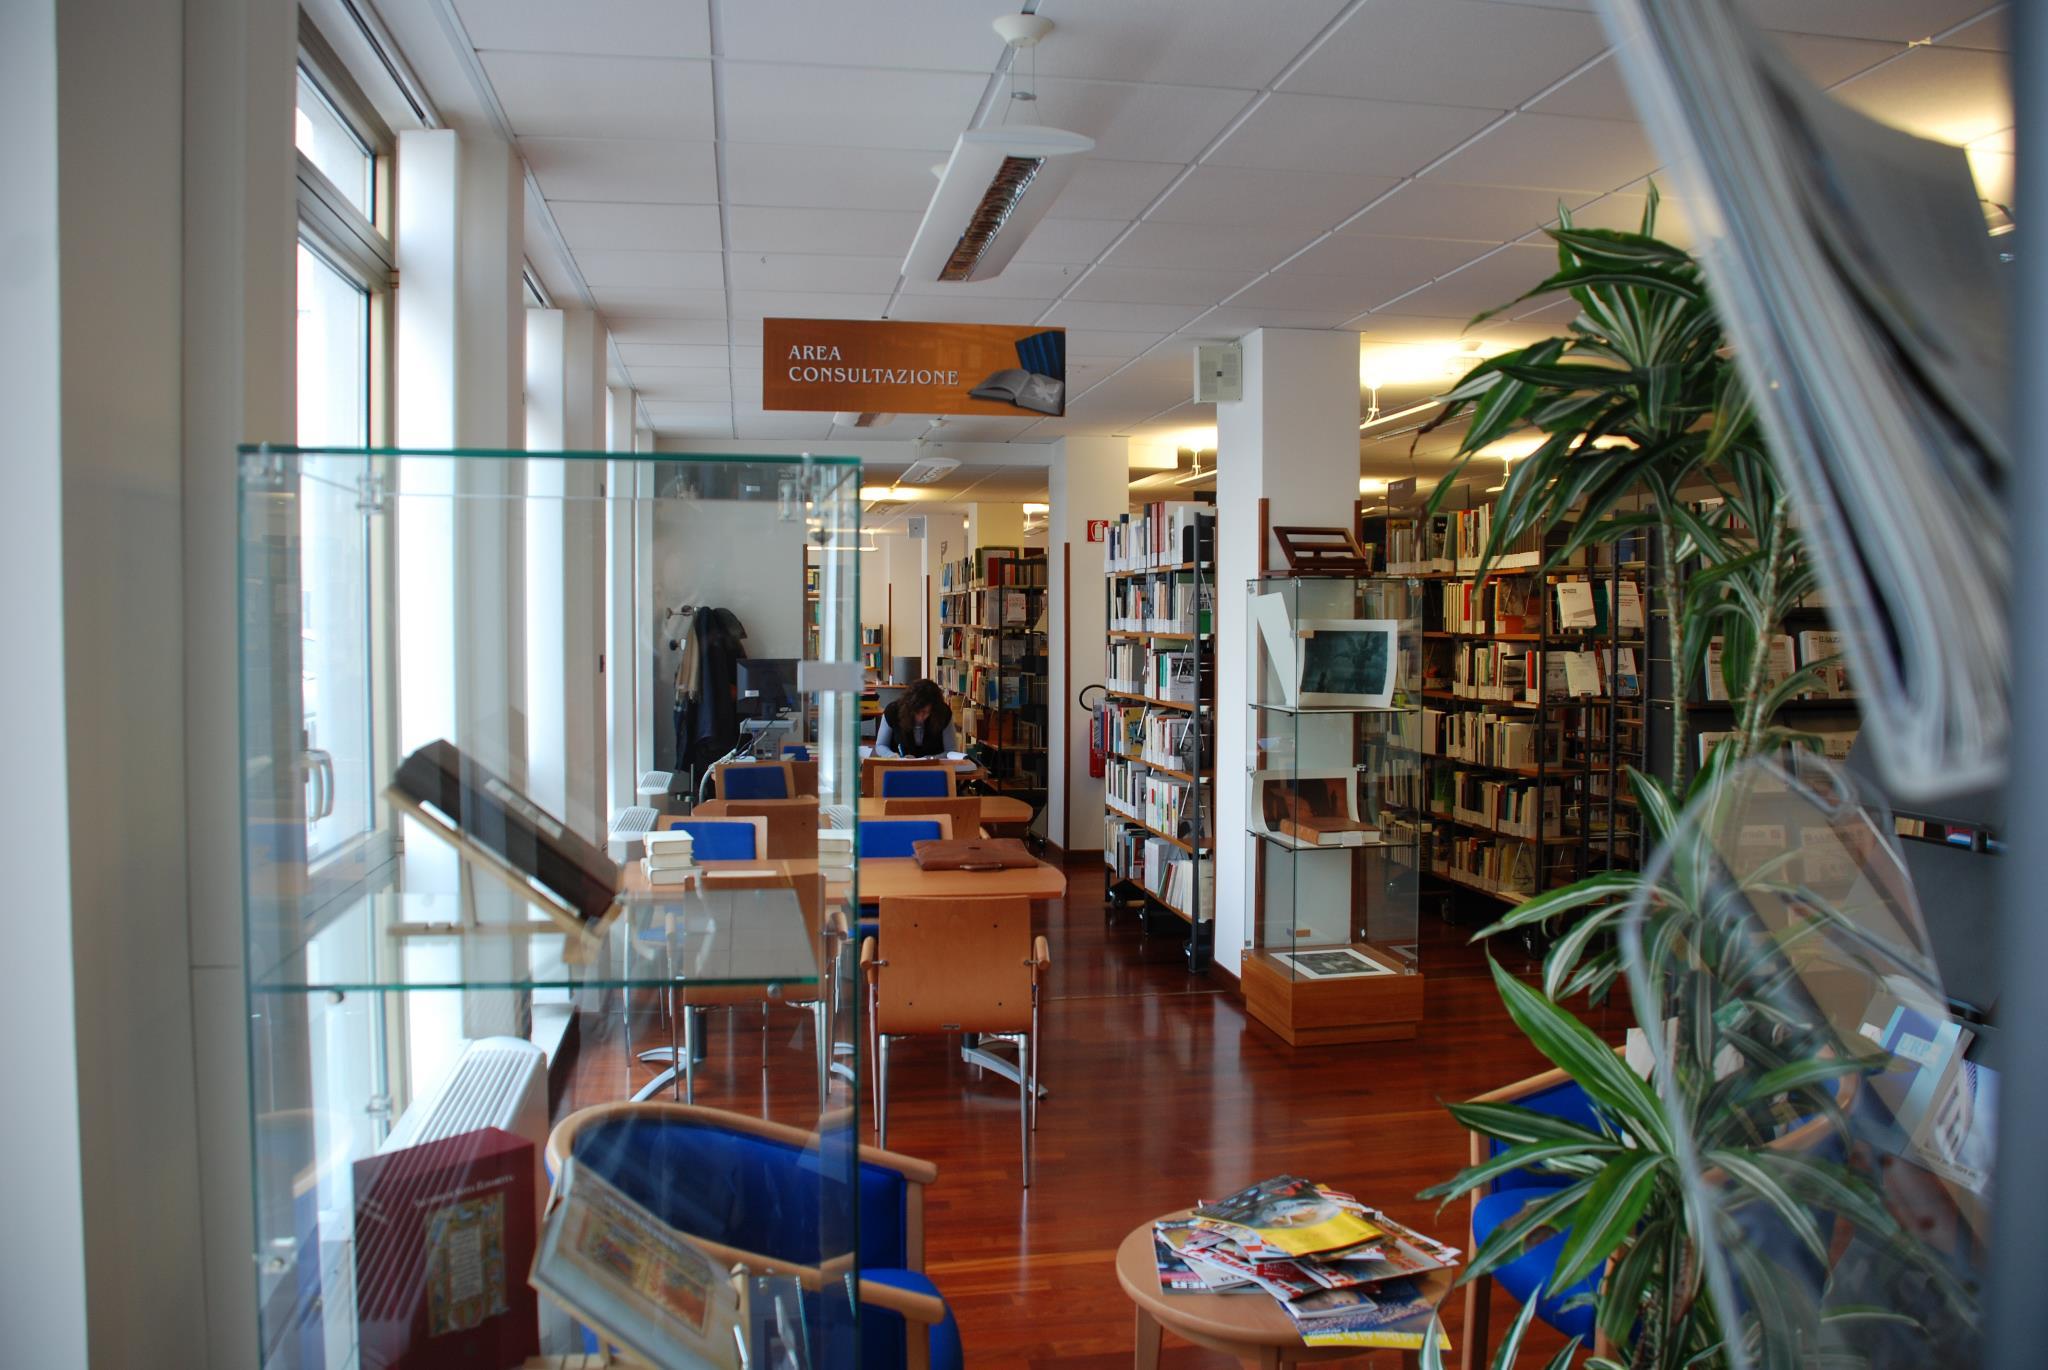 Biblioteca del Consiglio Regionale del Friuli Venezia Giulia